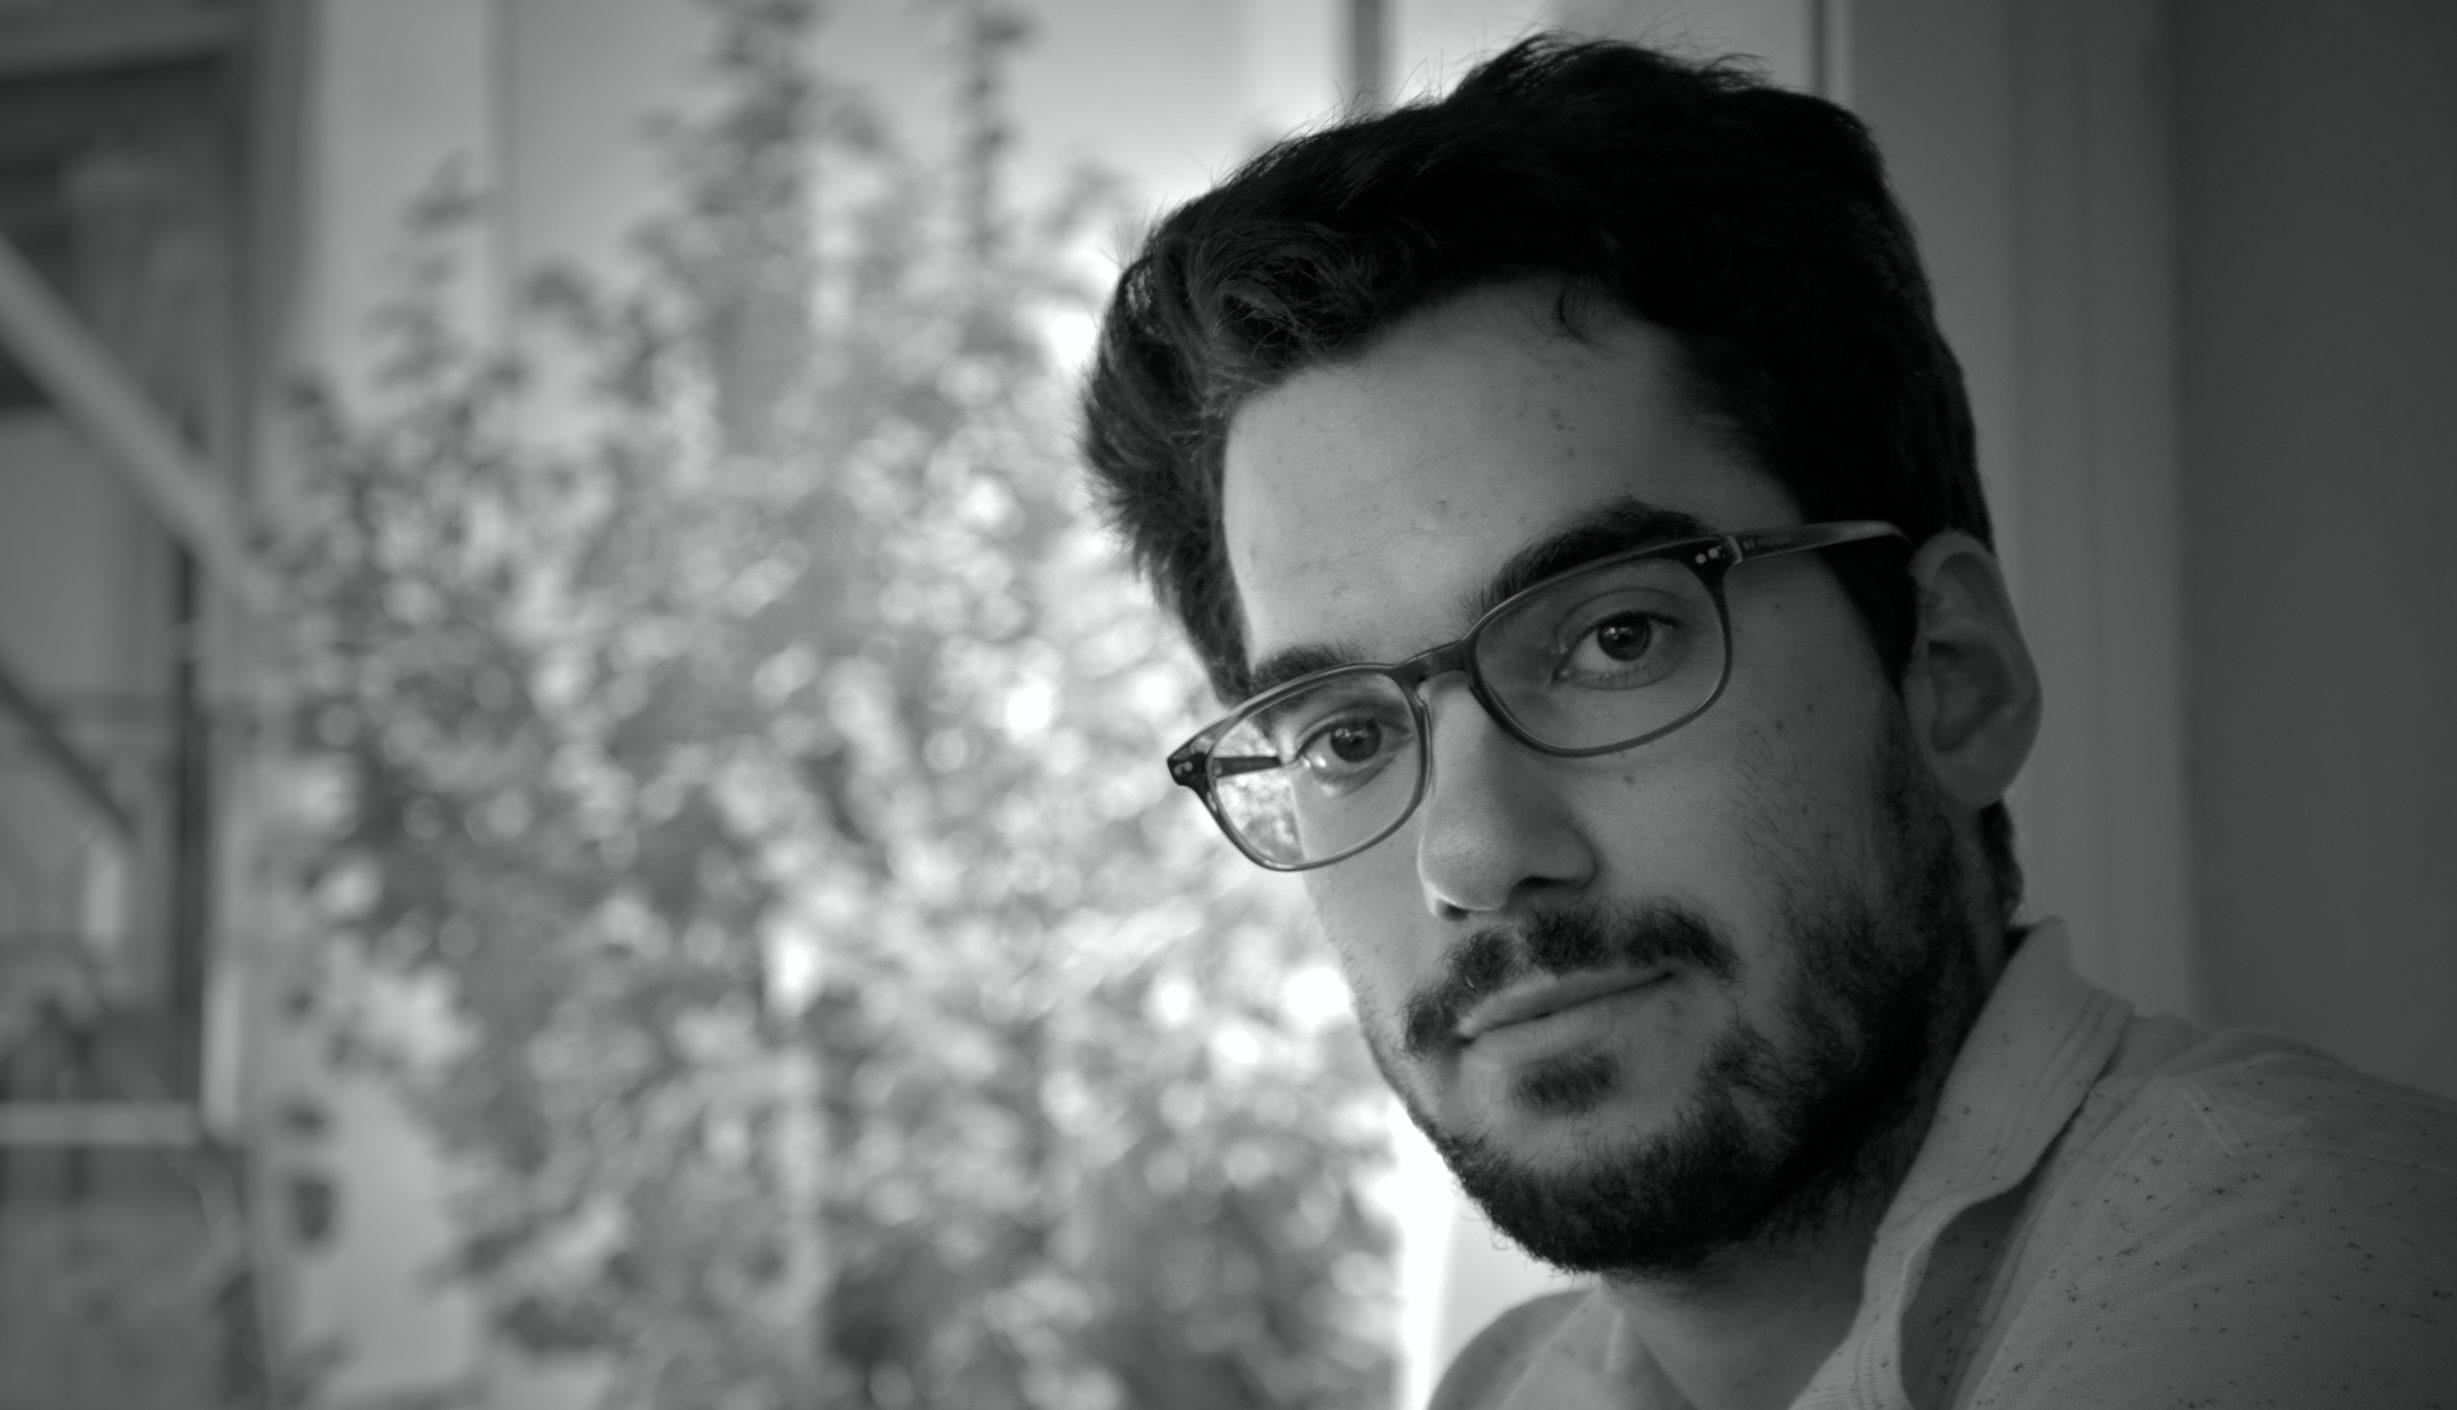 """Safak Saricicek gelang mit 24 Jahren sein Lyrikdebüt """"Spurensuche"""". Bilder: privat"""